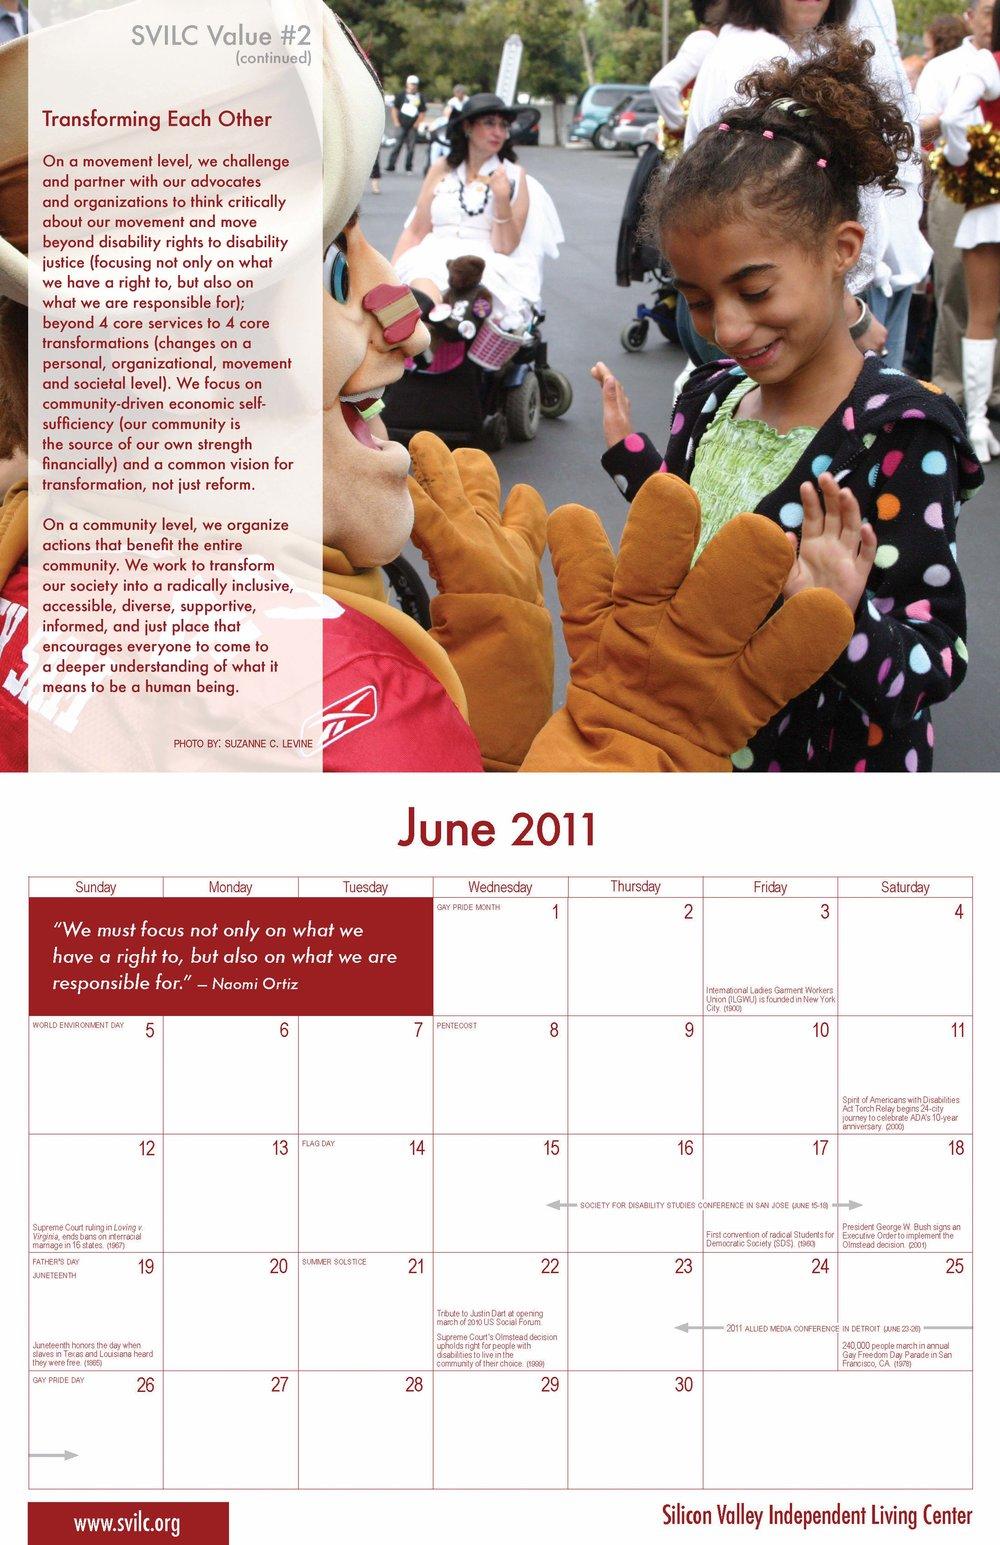 SVILC 2011 Calendar  June spread